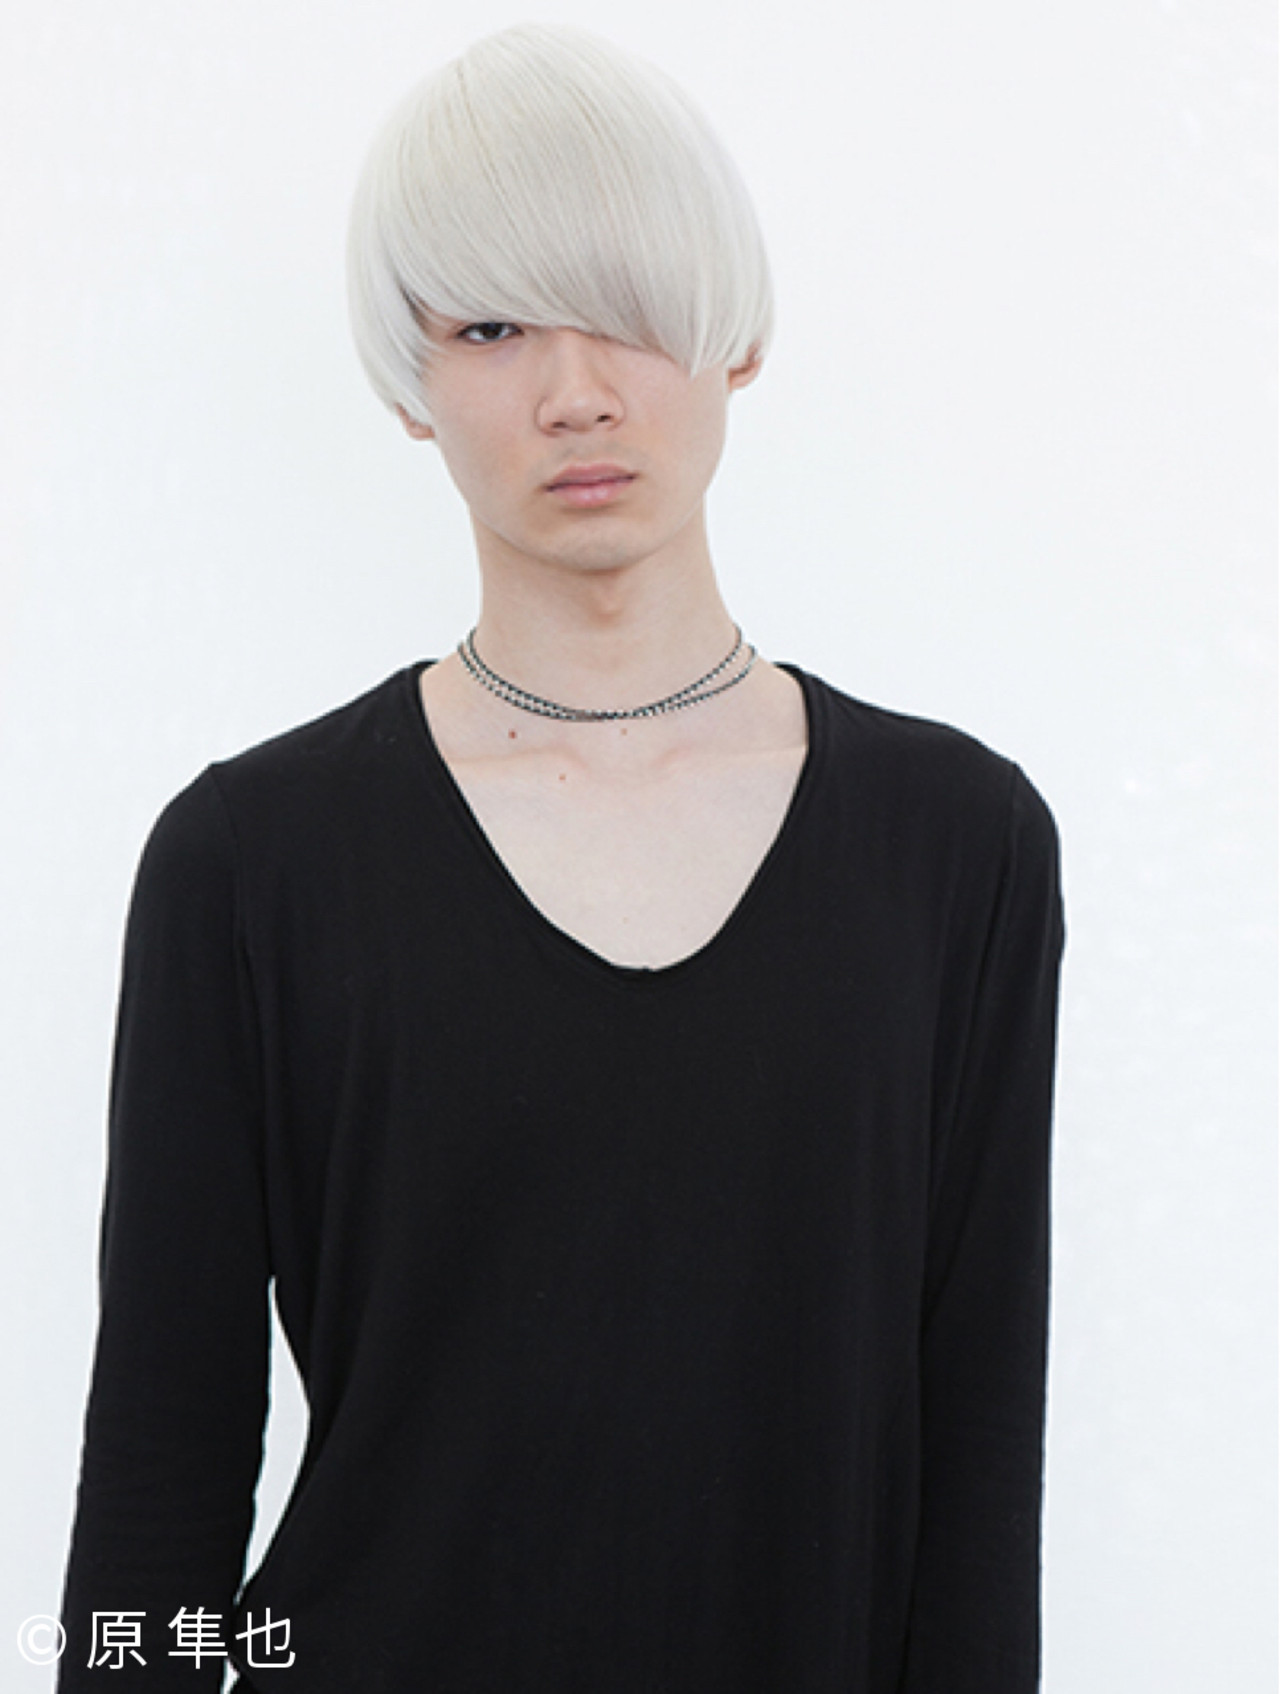 ブリーチ モード ショート 個性的 ヘアスタイルや髪型の写真・画像